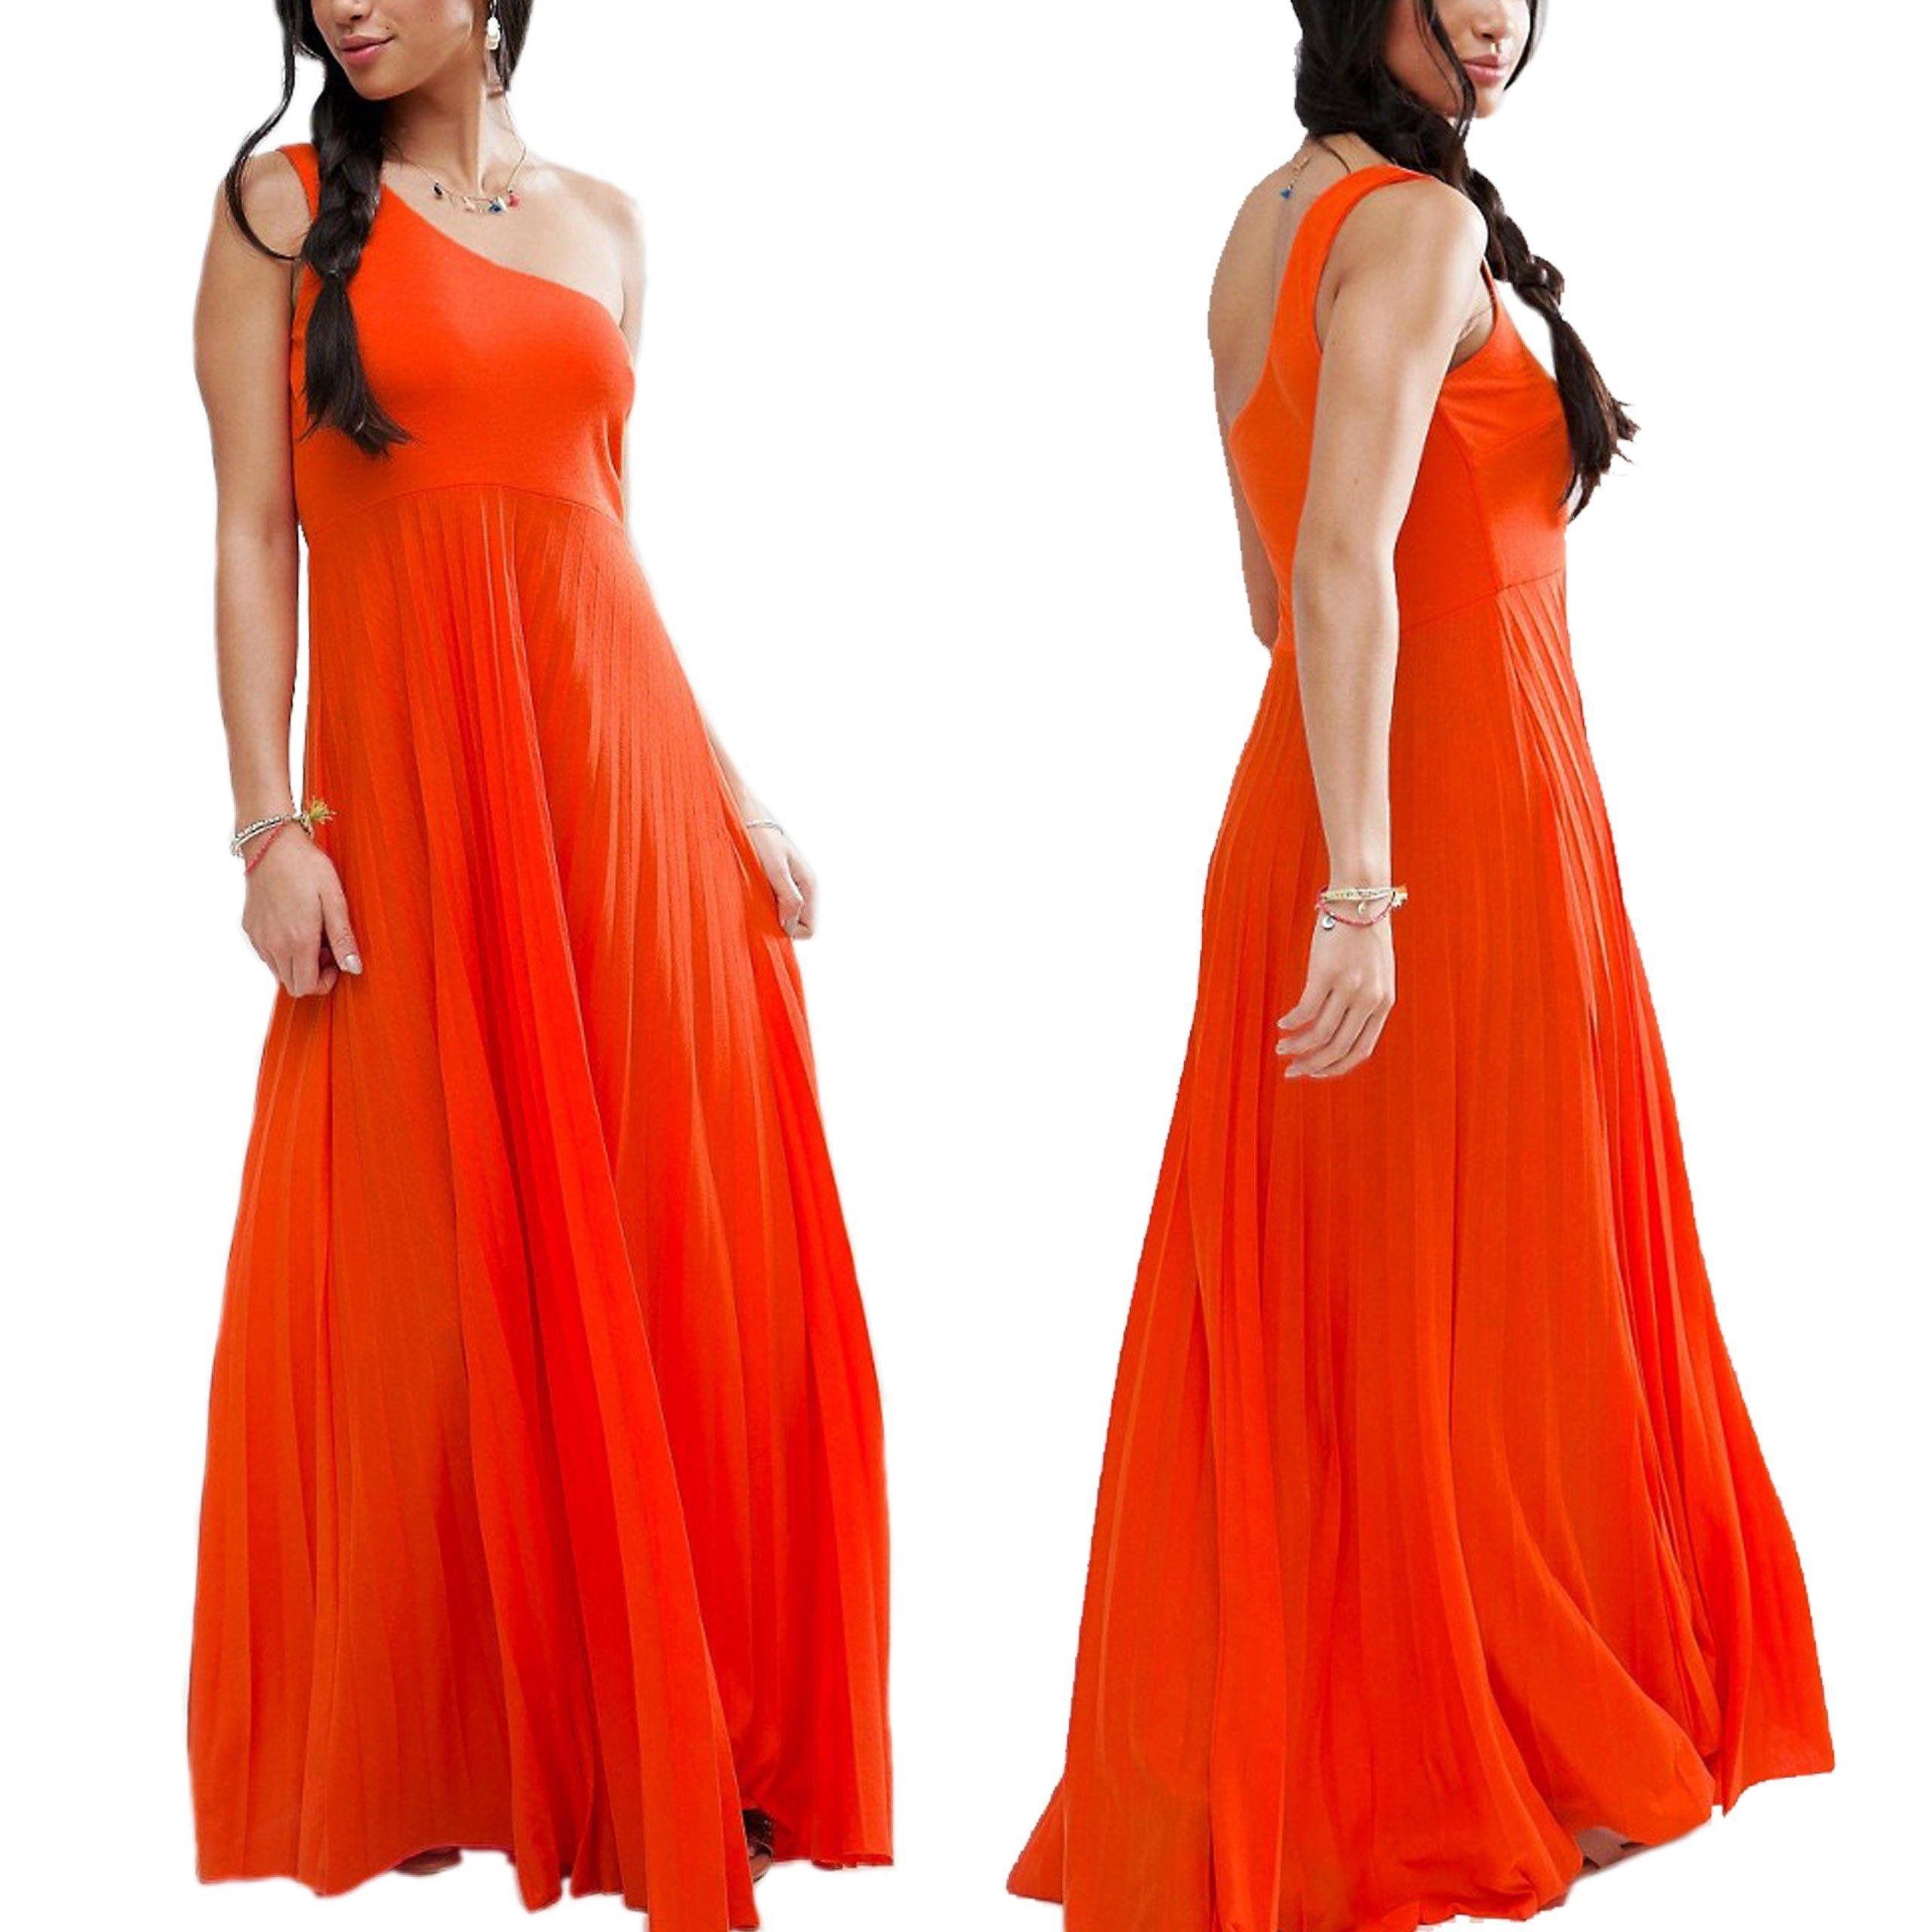 a36d56a1f1 D3 Pomarańczowa Sukienka asymetryczna maxi S 36 - 7013476526 ...